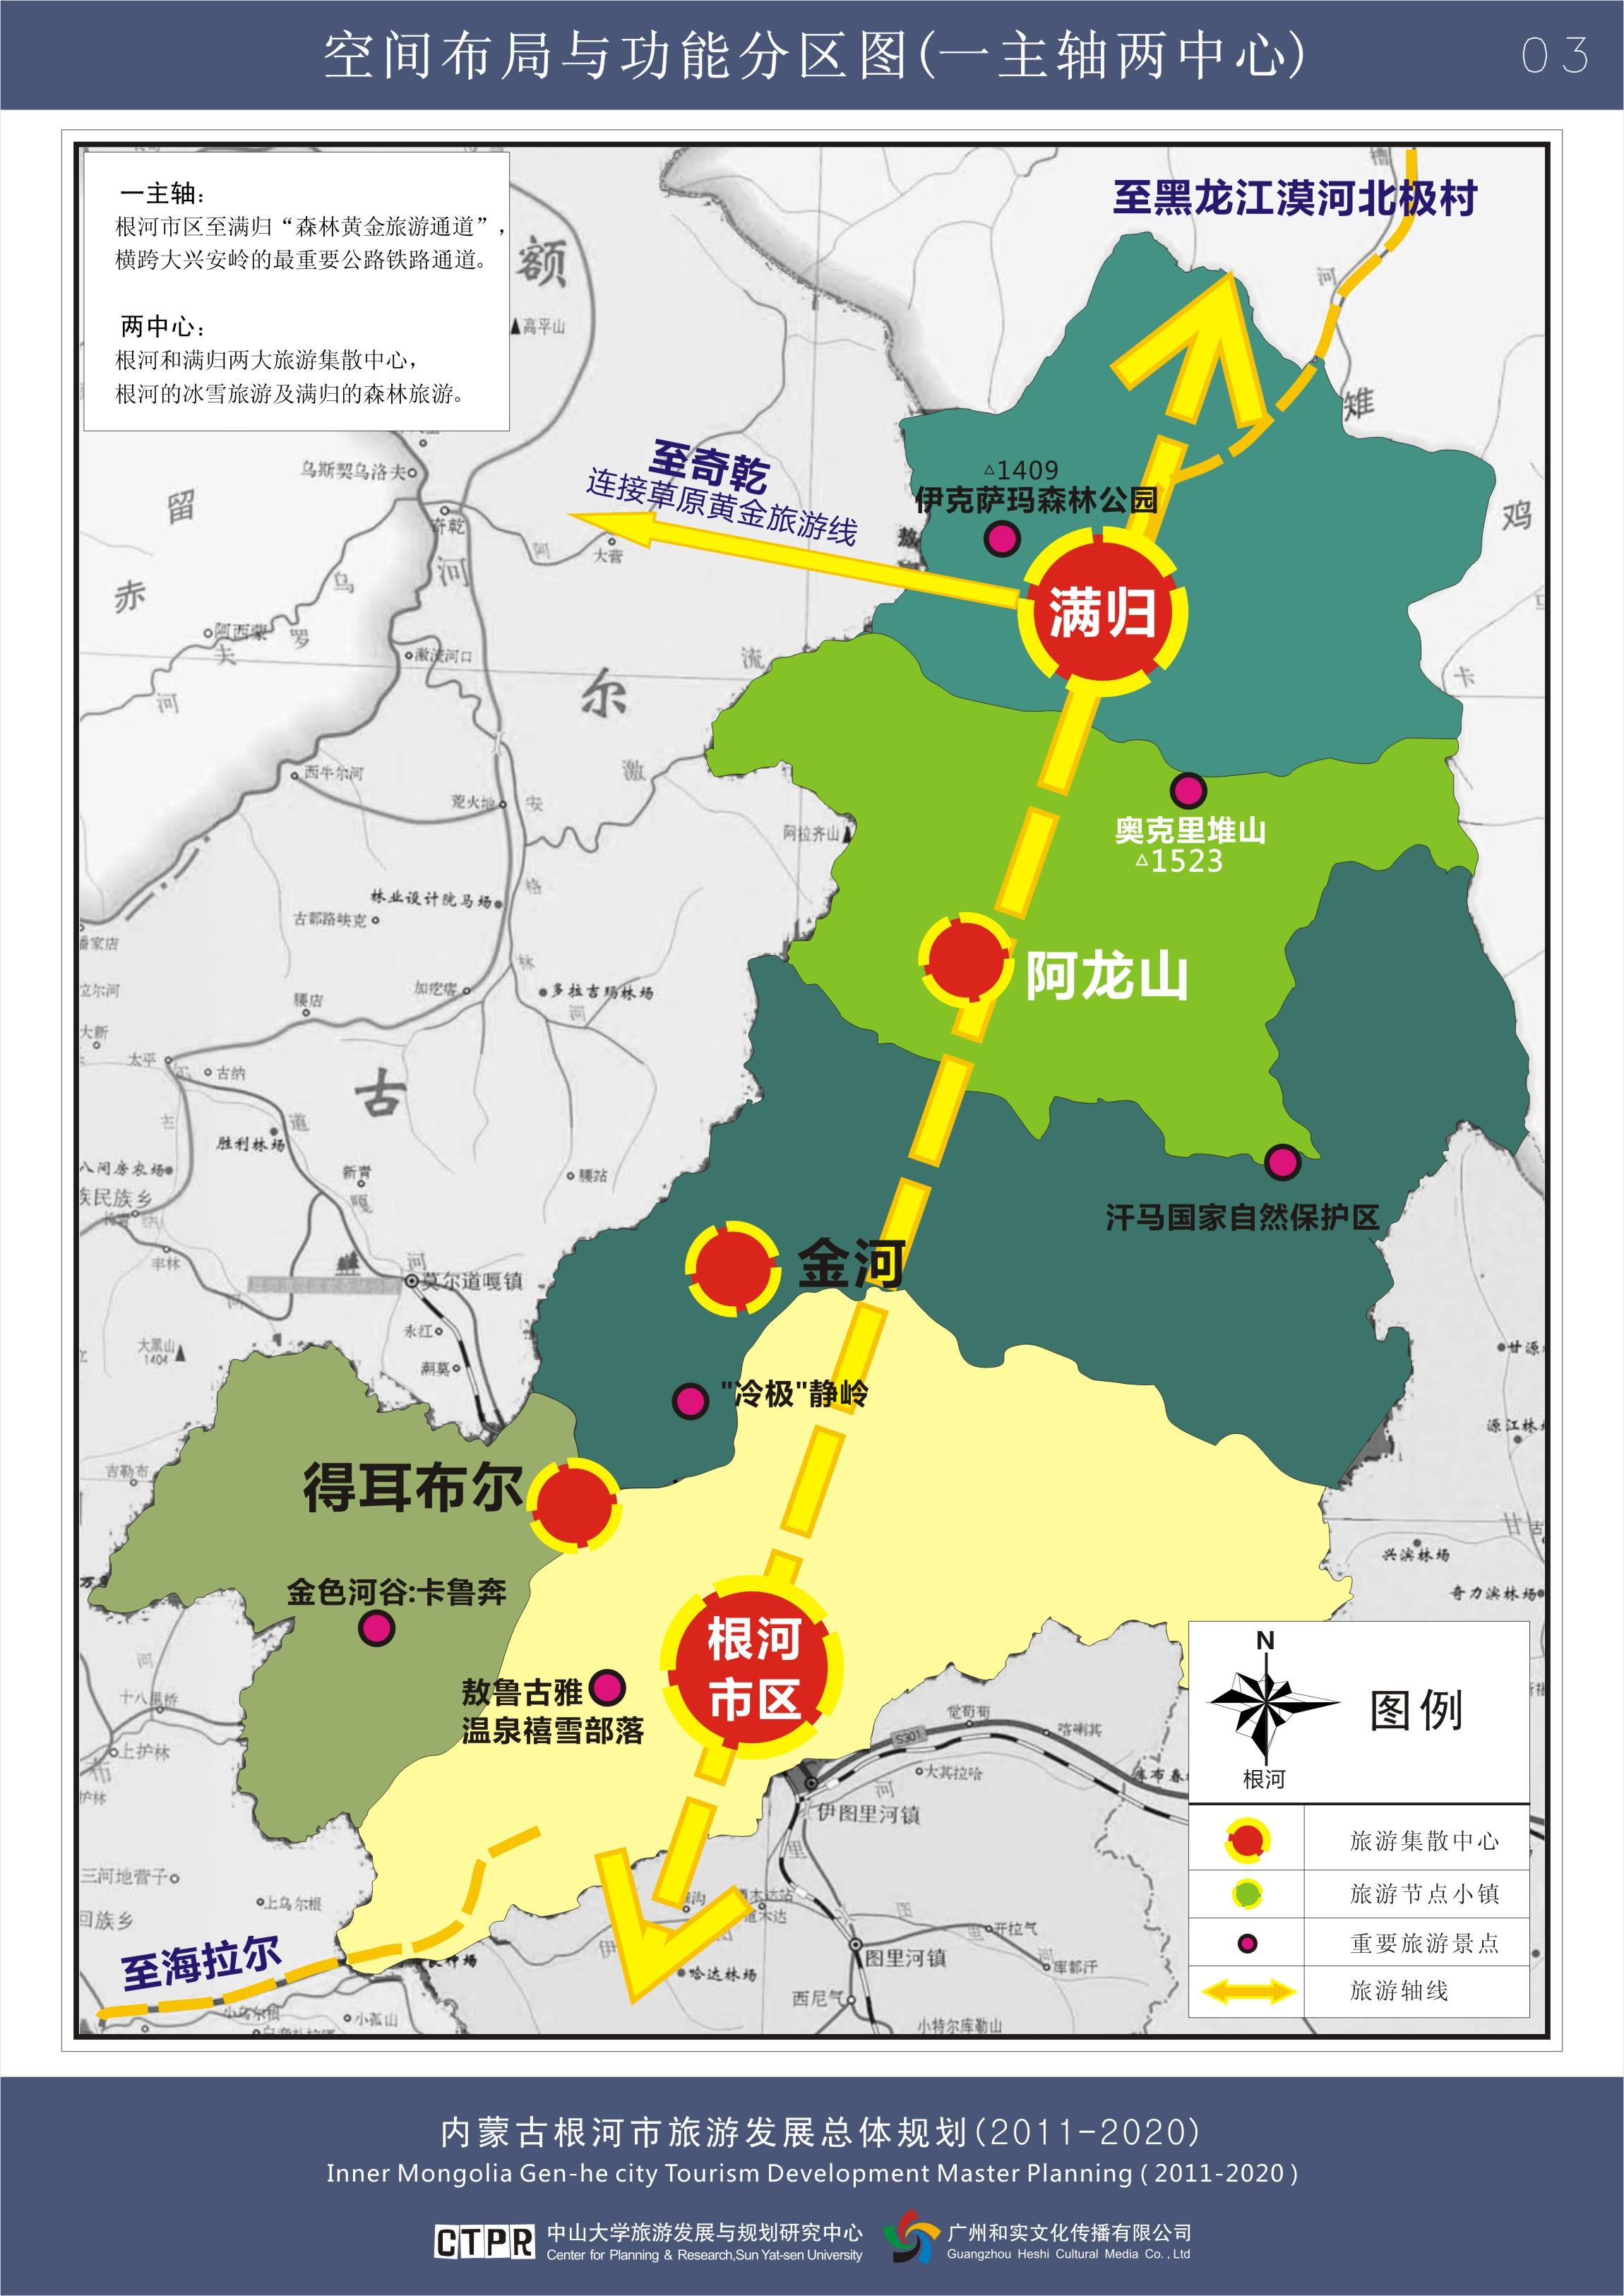 内蒙古根河市旅游发展总体规划(2011-2020)